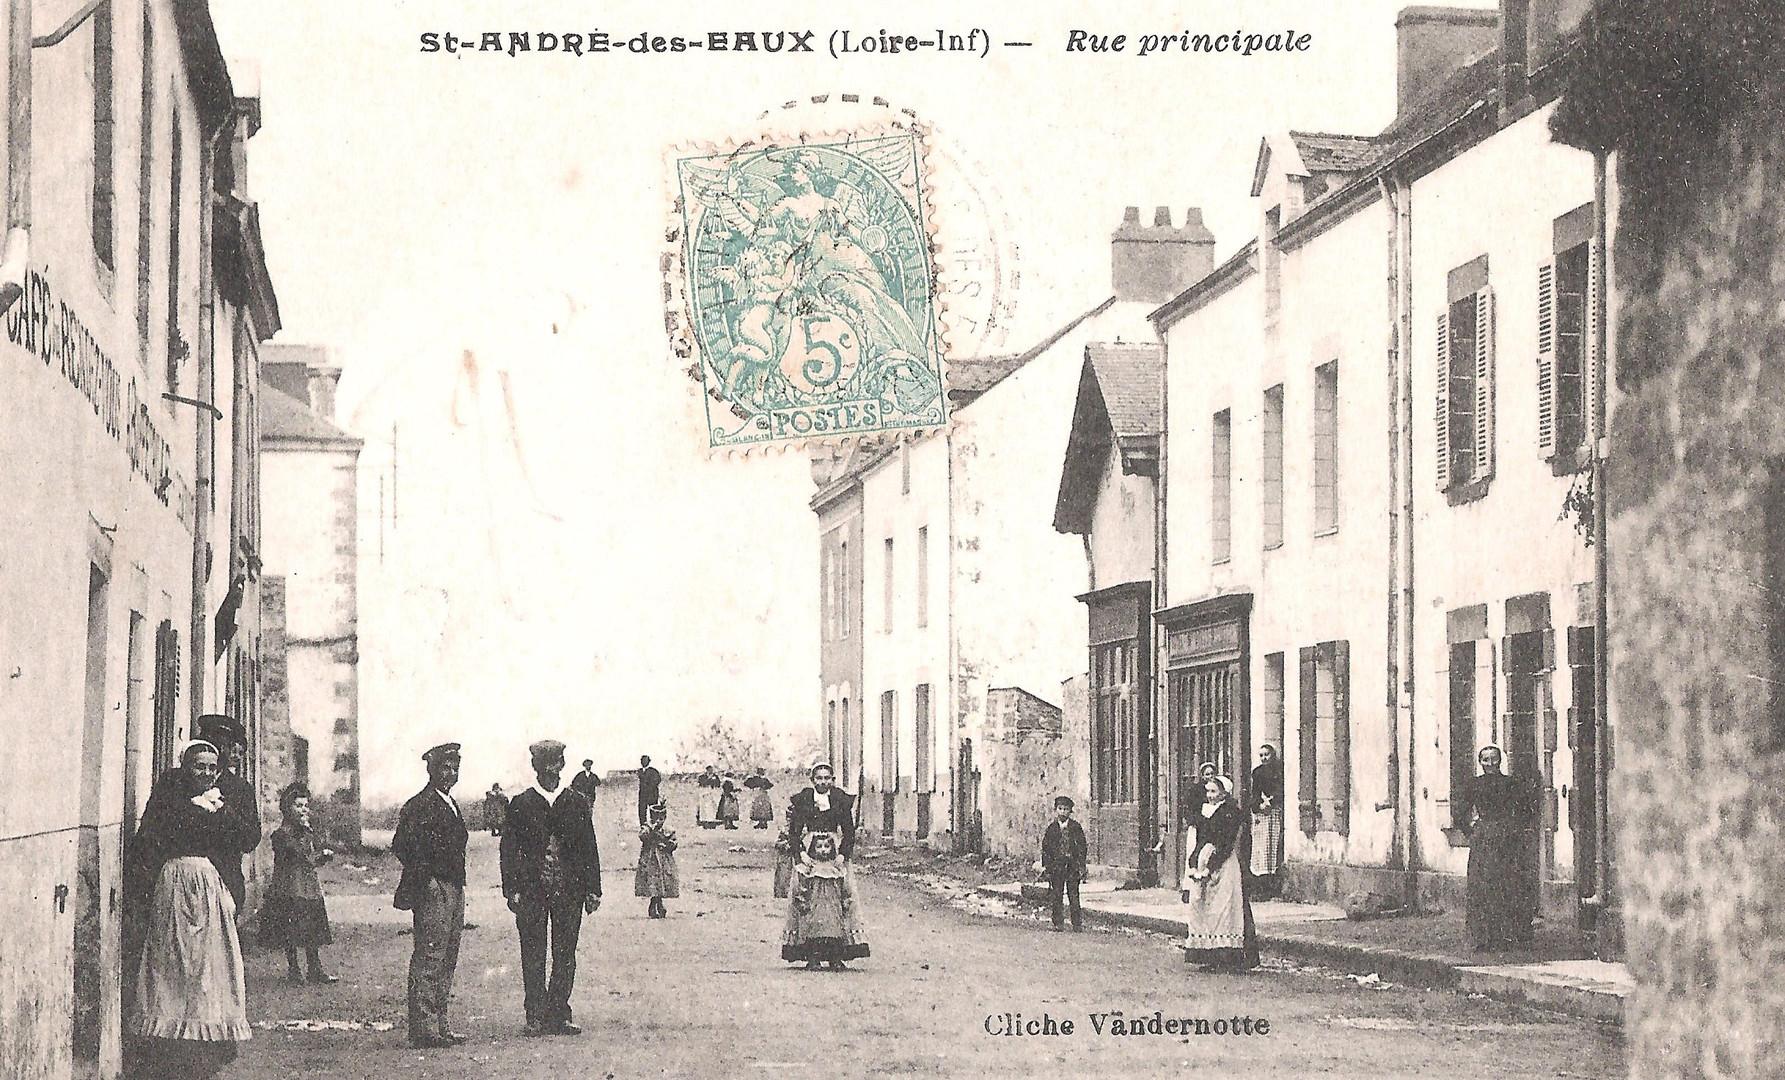 St-ANDRE-des-EAUX - Rue Principale.jpg